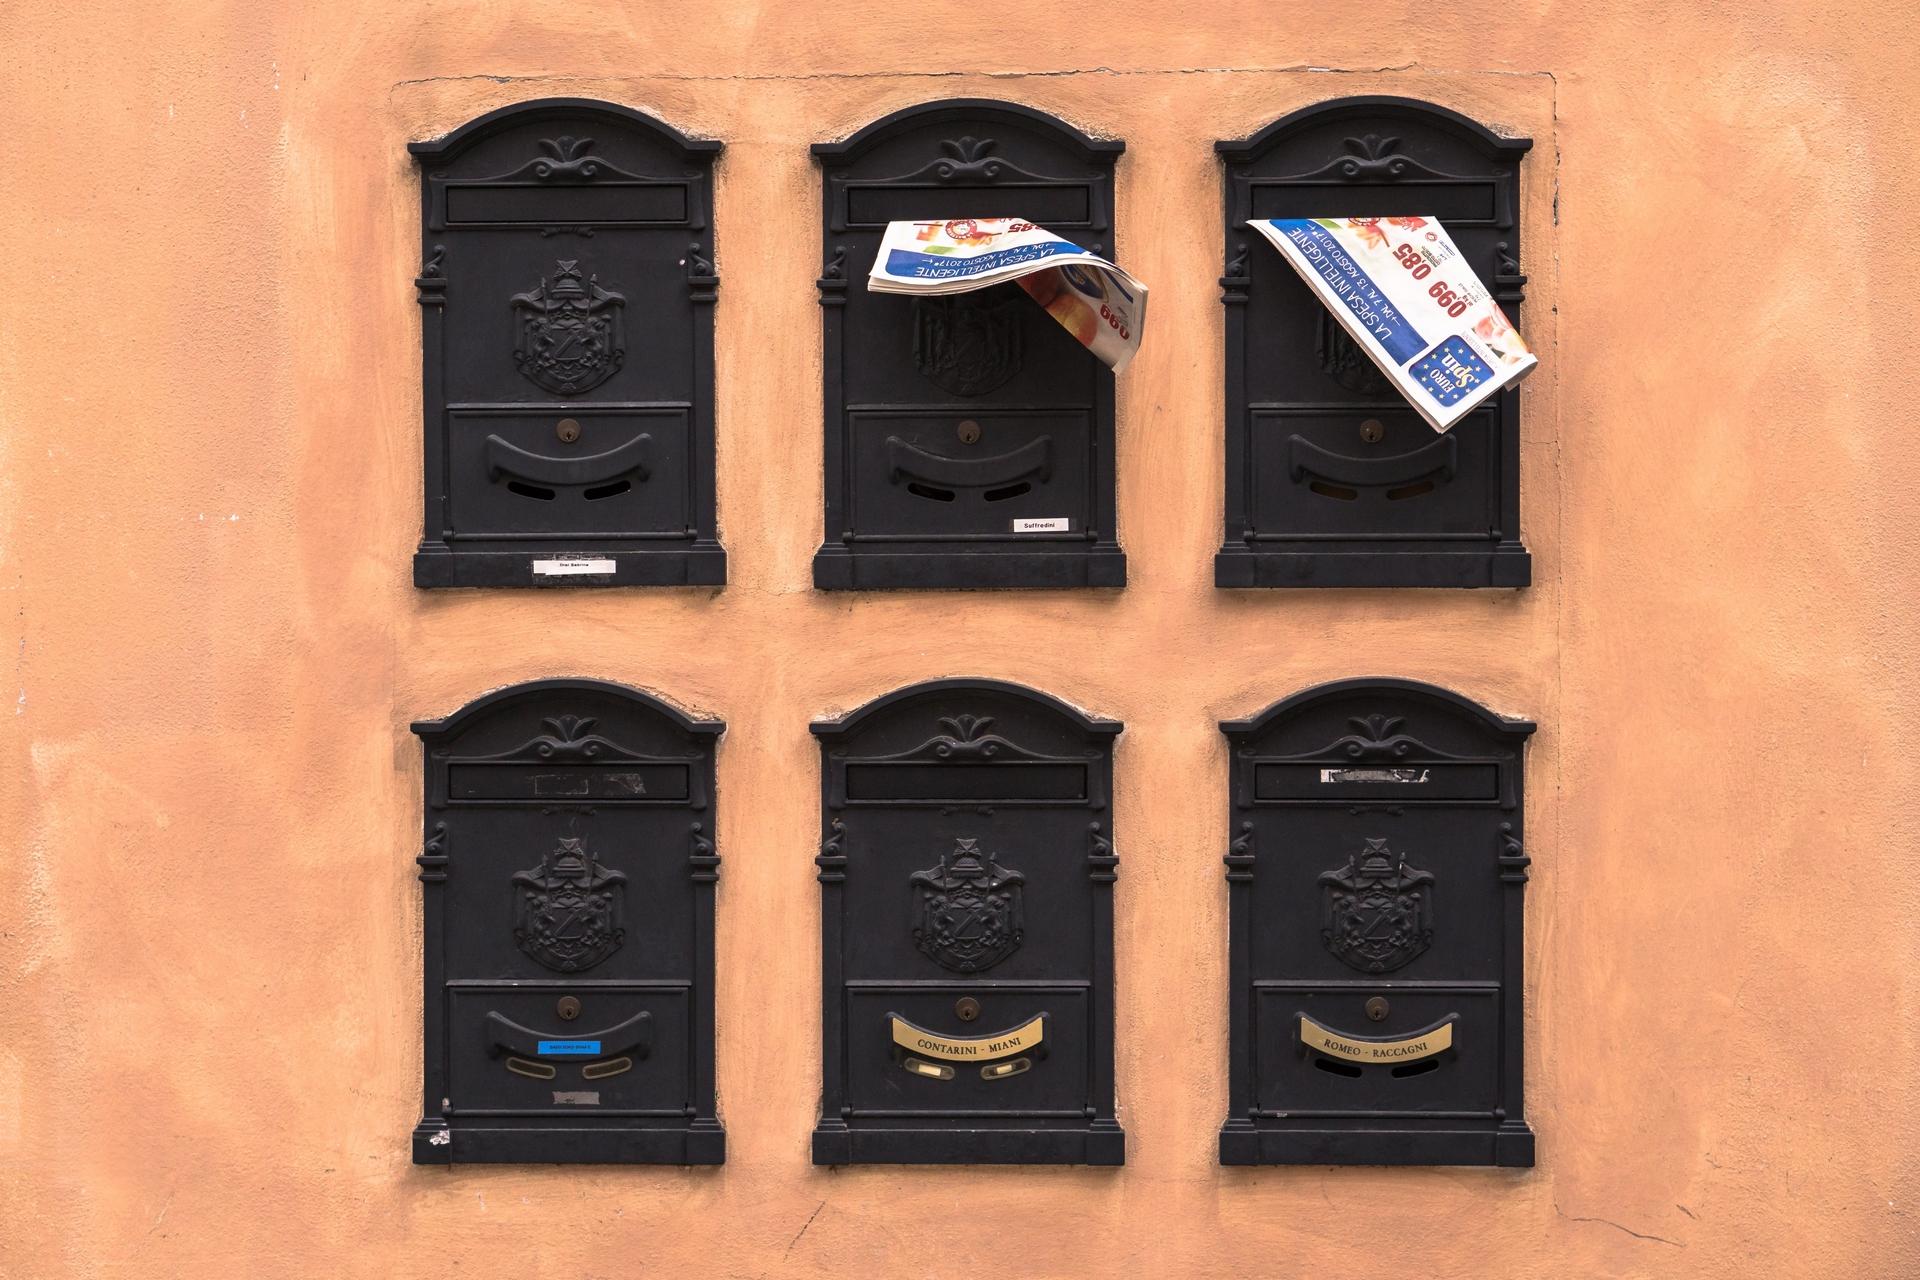 200401 - Boîtes aux lettres à Ravenne en Italie by Chris Blonk licence Unsplash